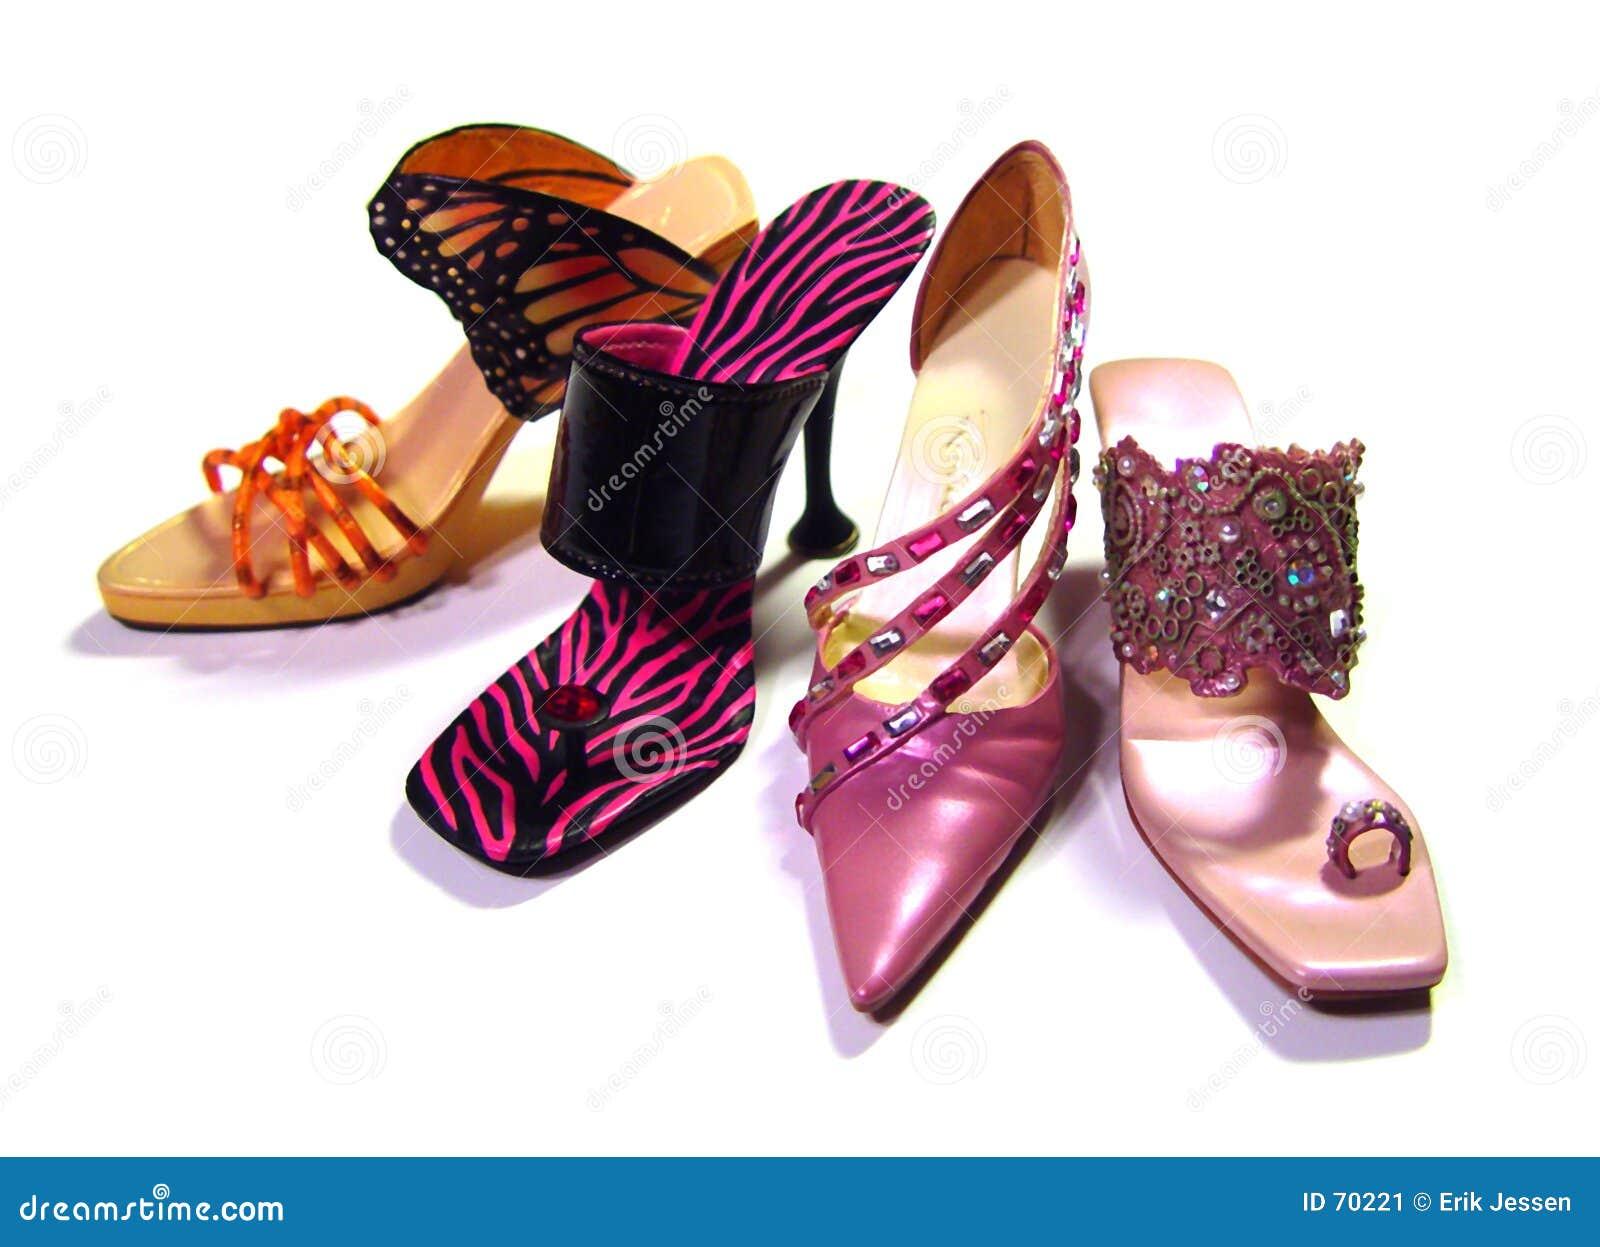 Trevliga skor